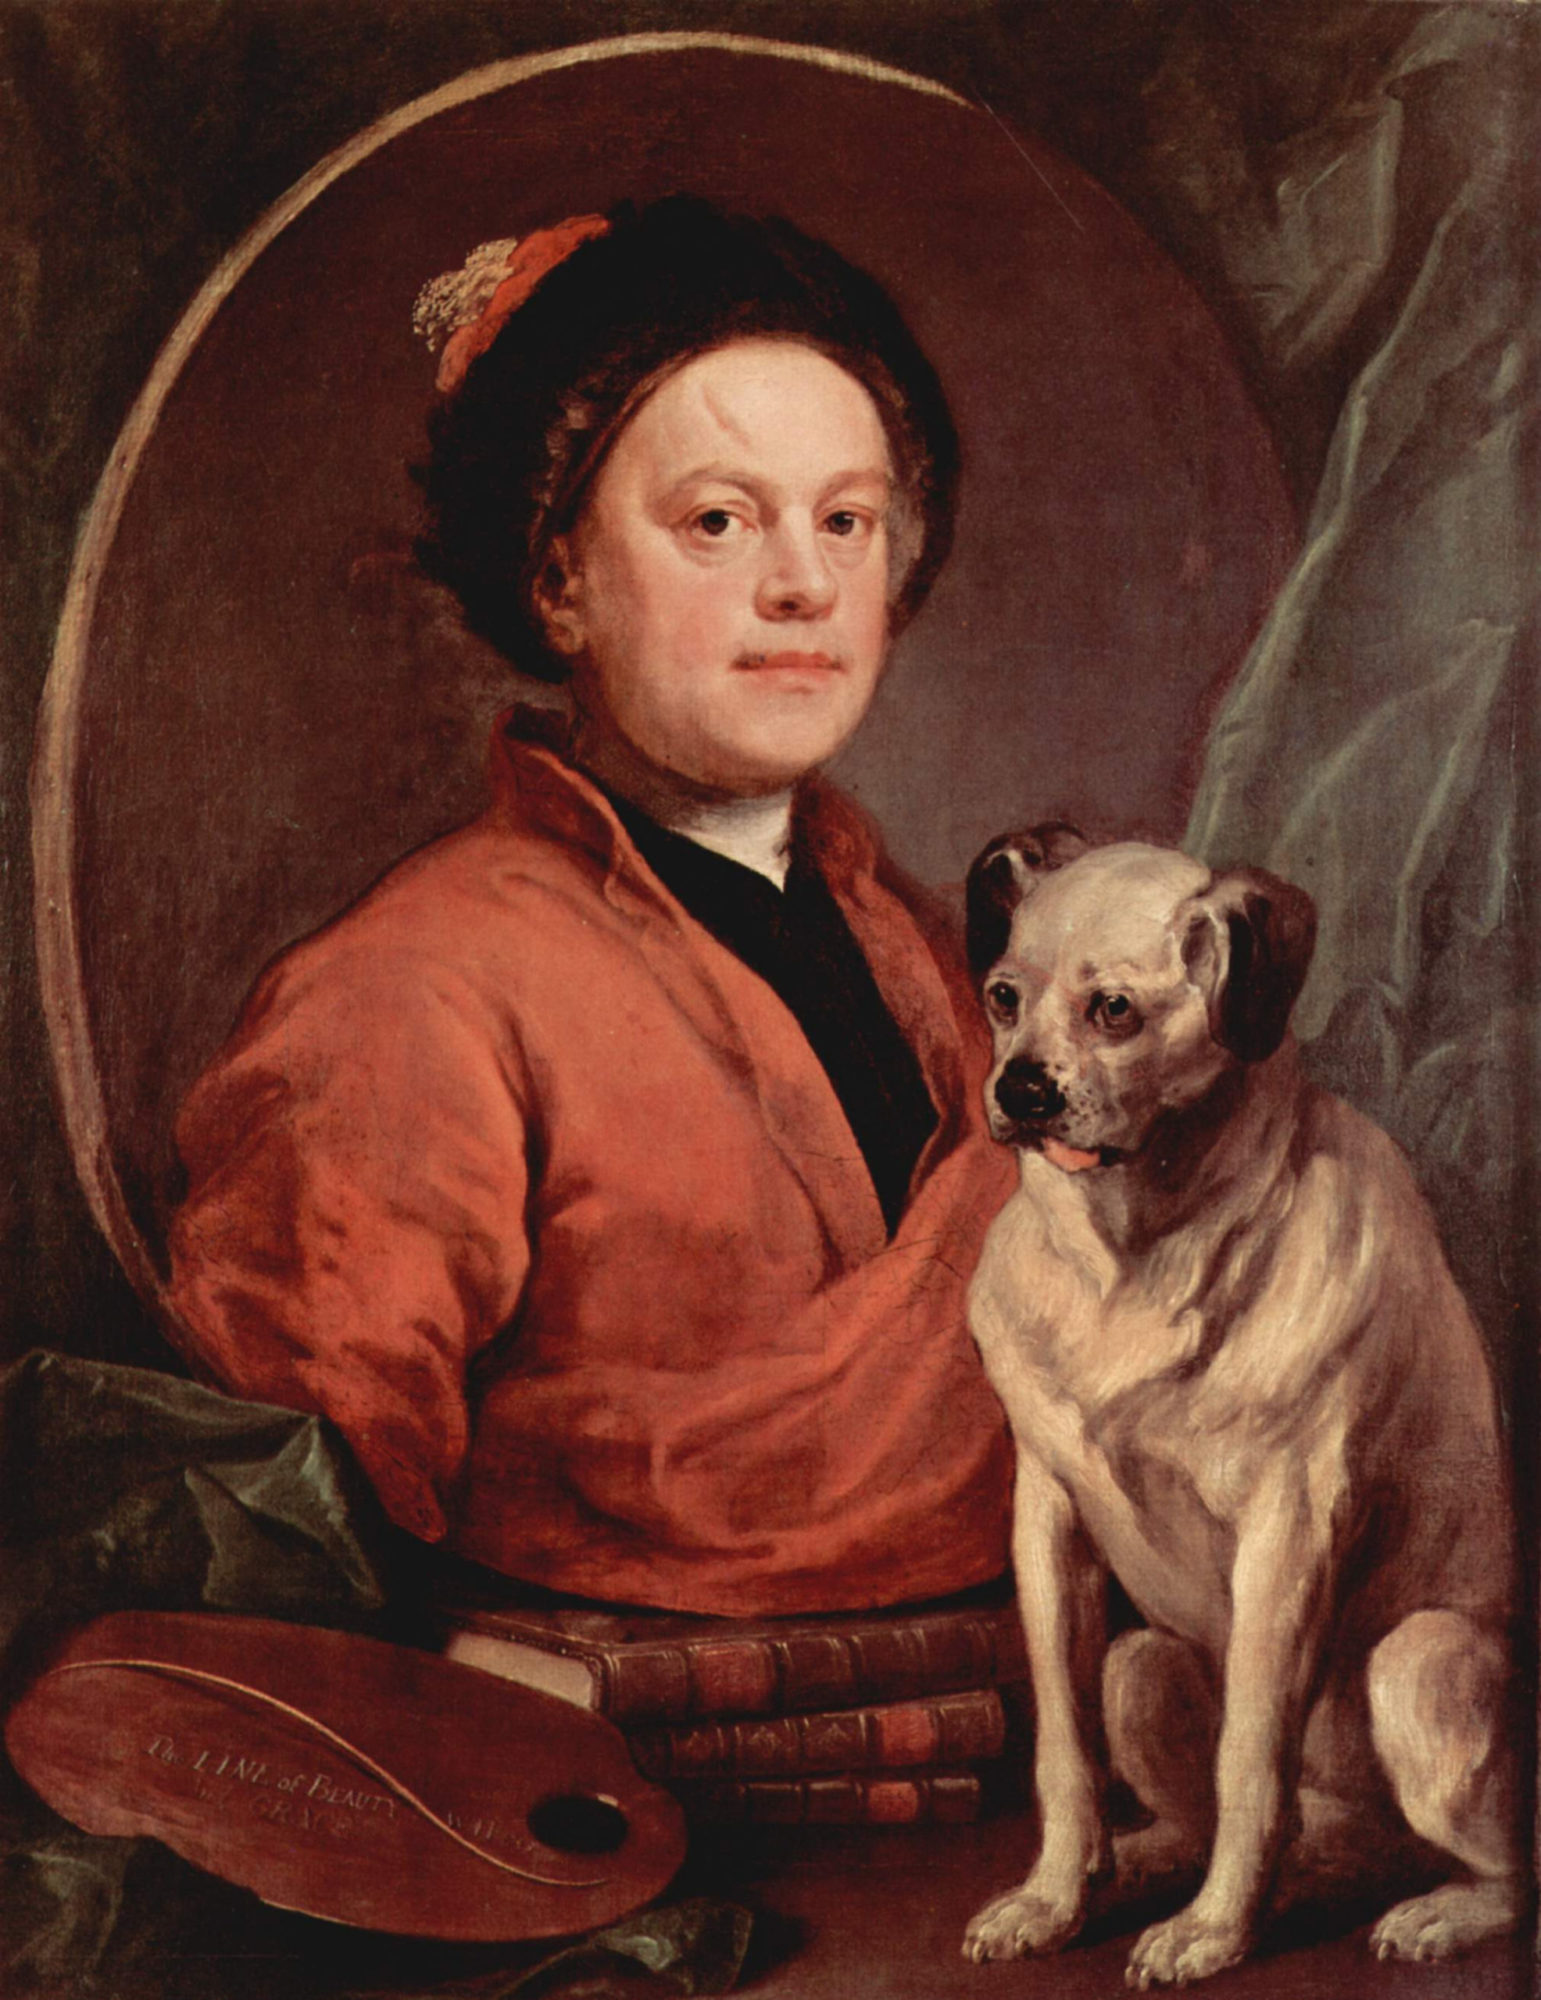 Уильям Хогарт, 1745 год, картина «Автопортрет с собакой»